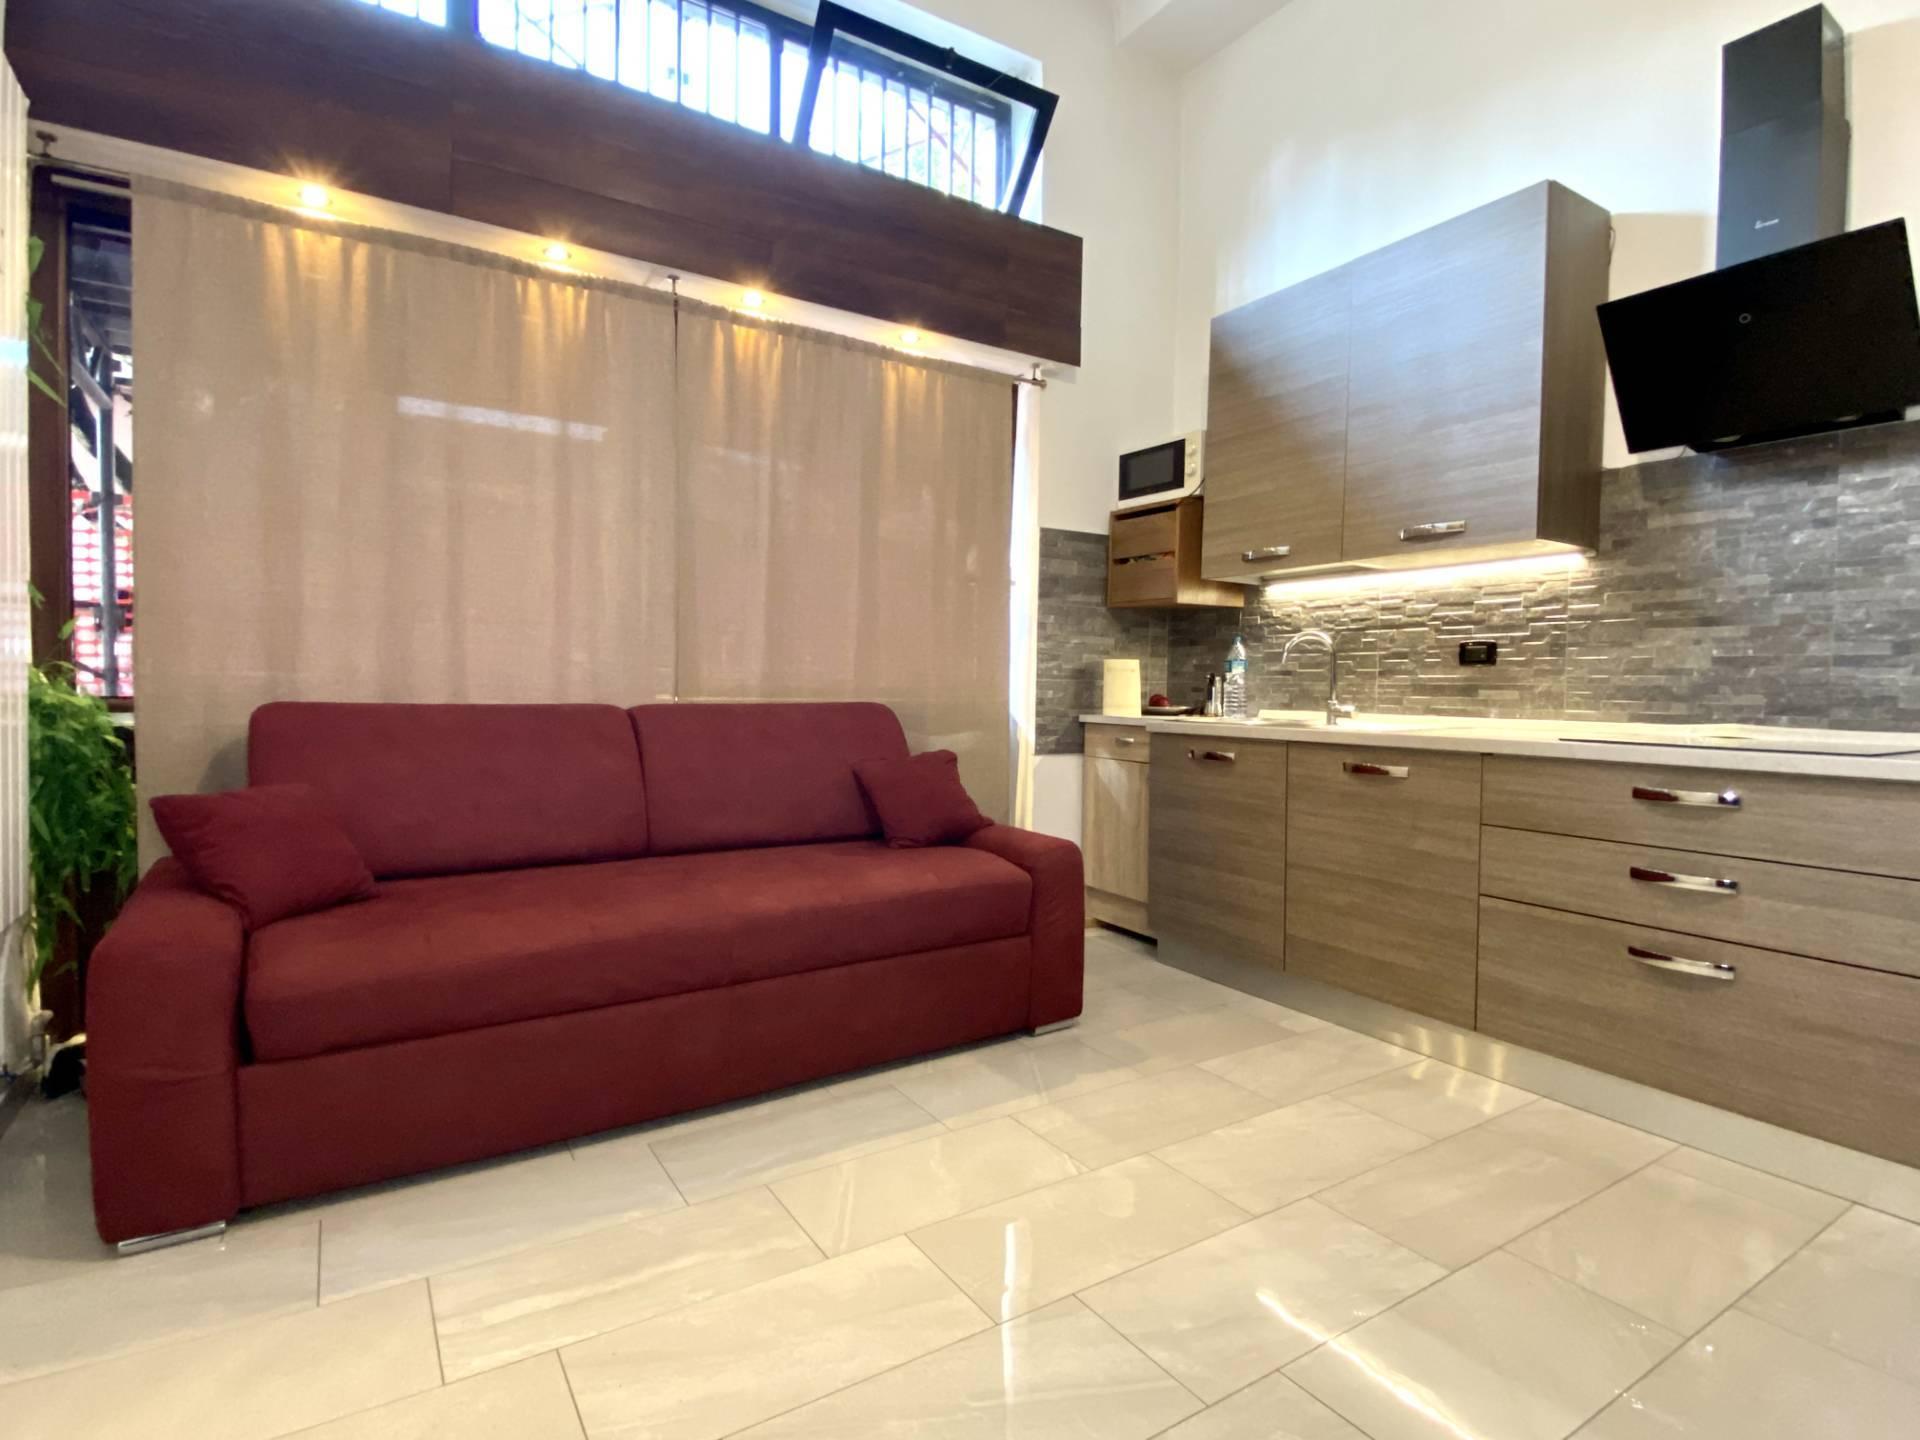 Vendita Monolocale Appartamento Cinisello Balsamo 251893